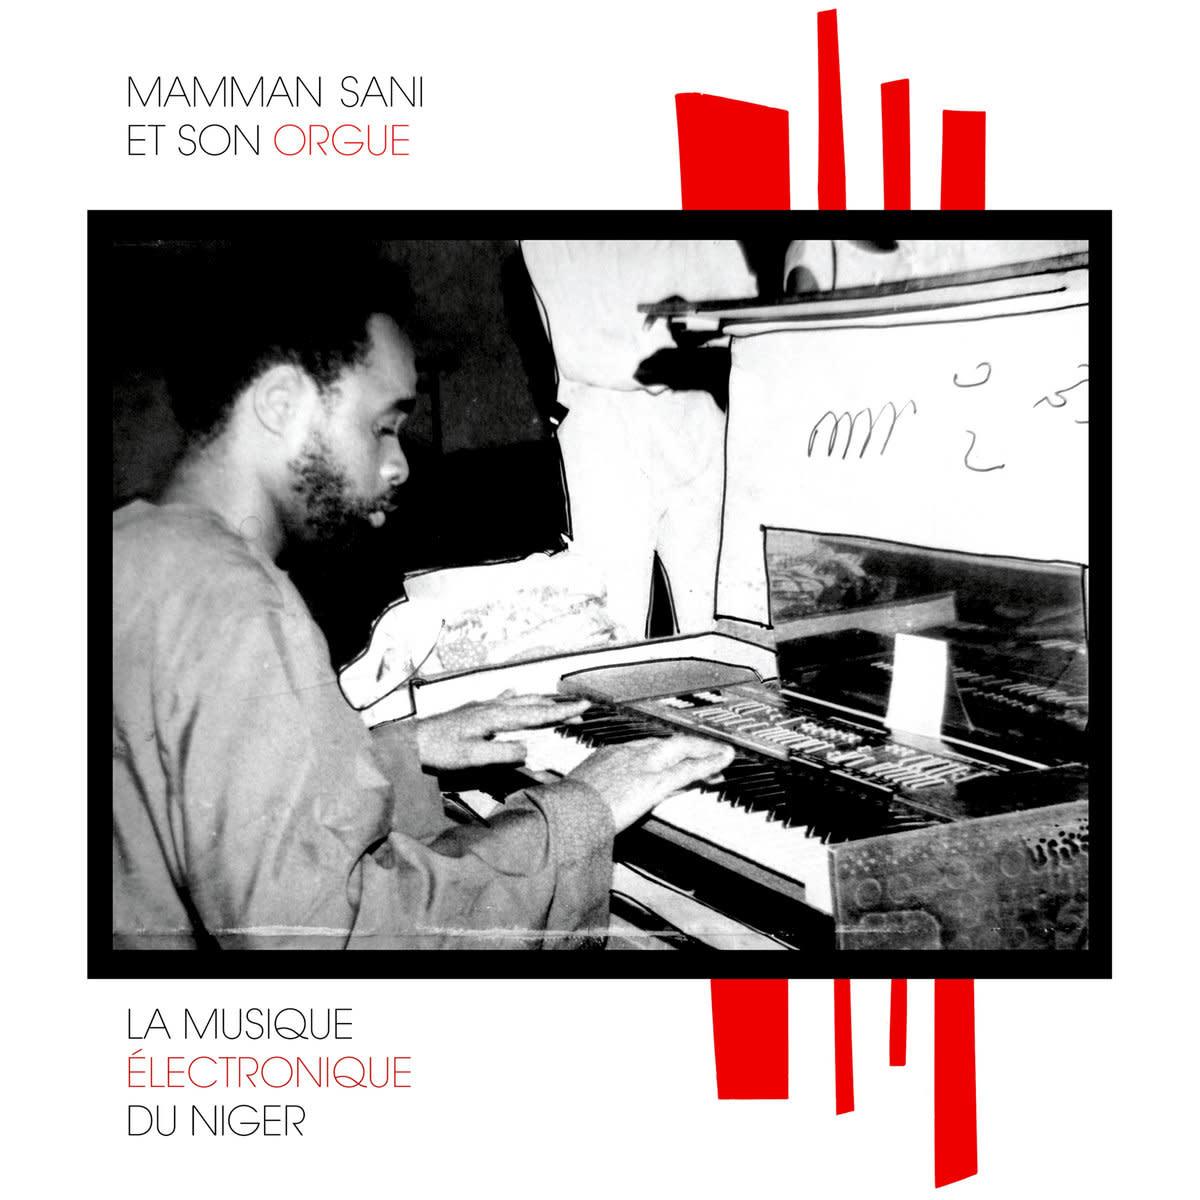 Mamman Sani • La Musique Électronique du Niger-1